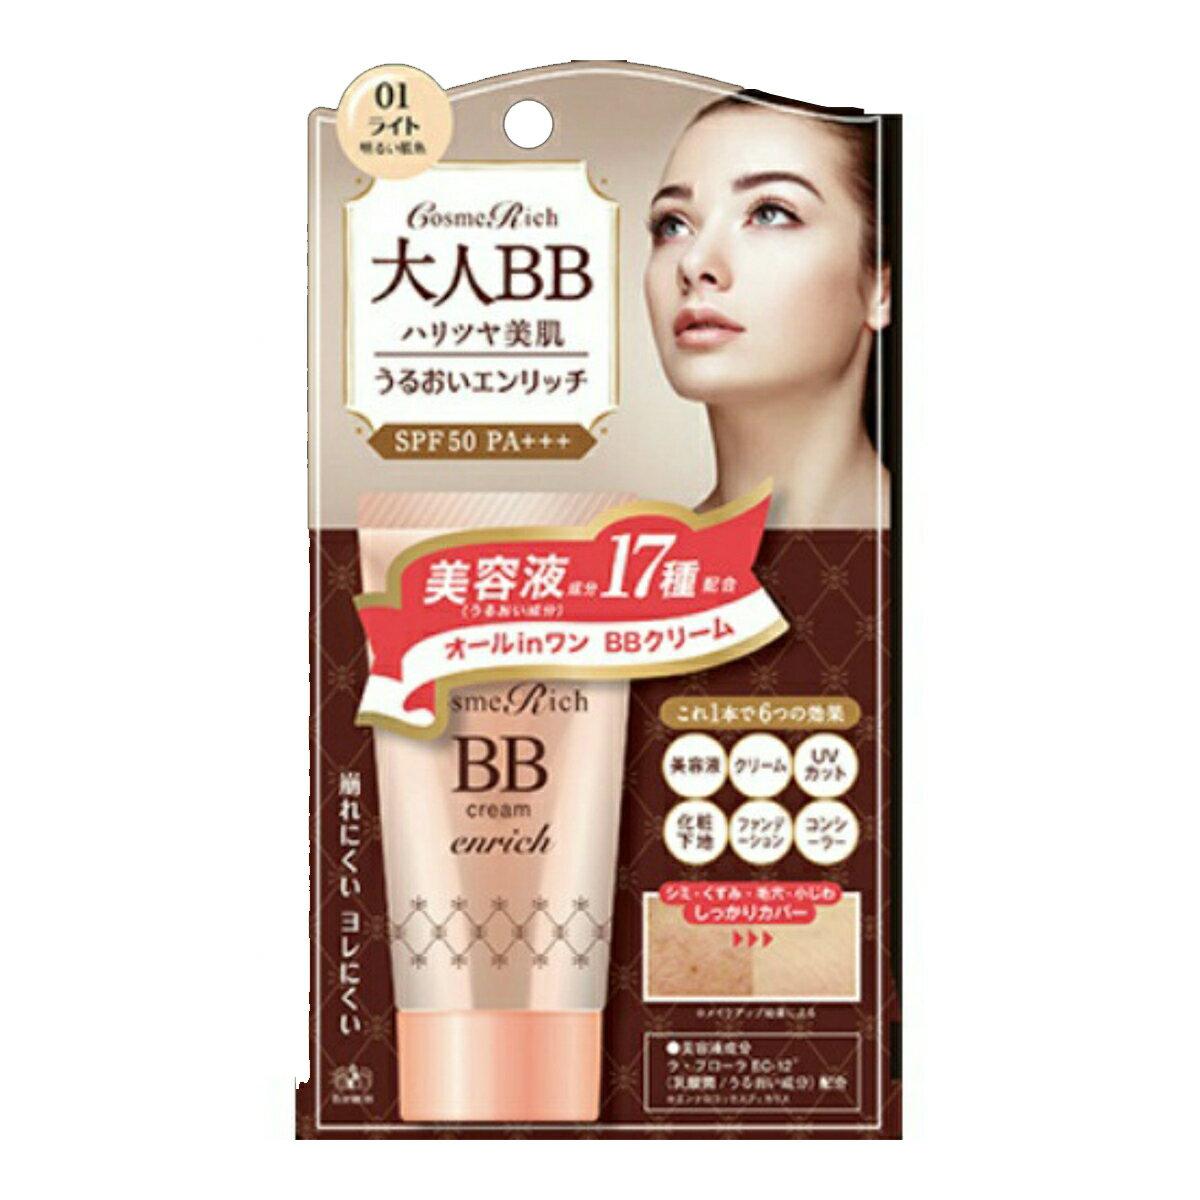 BBクリーム / 01 ライト / 30g